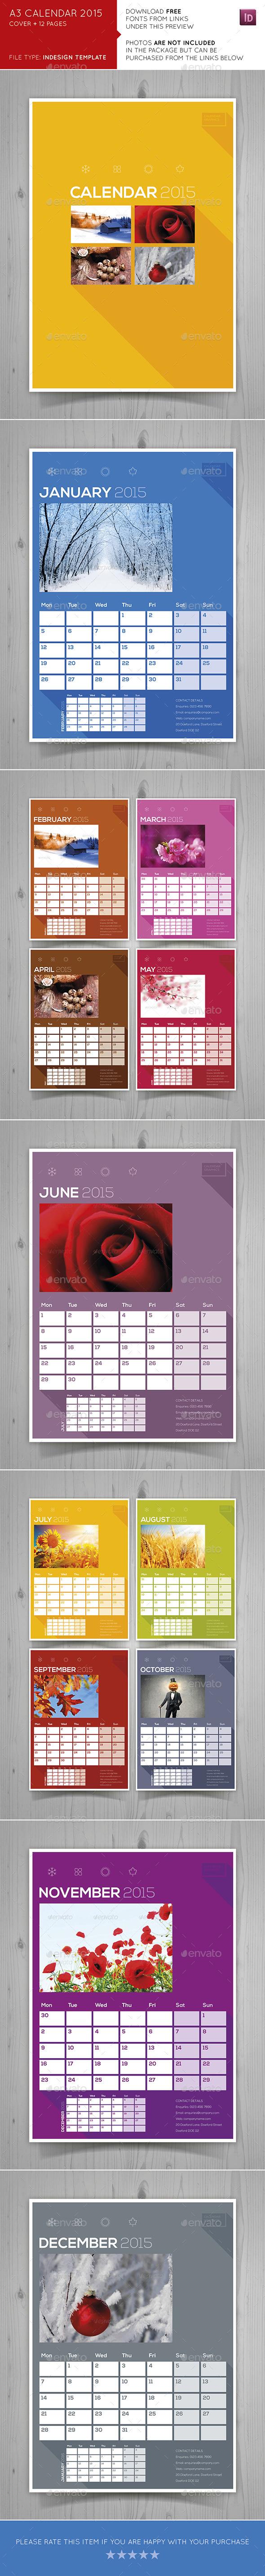 A3 Calendar 2015 - Calendars Stationery